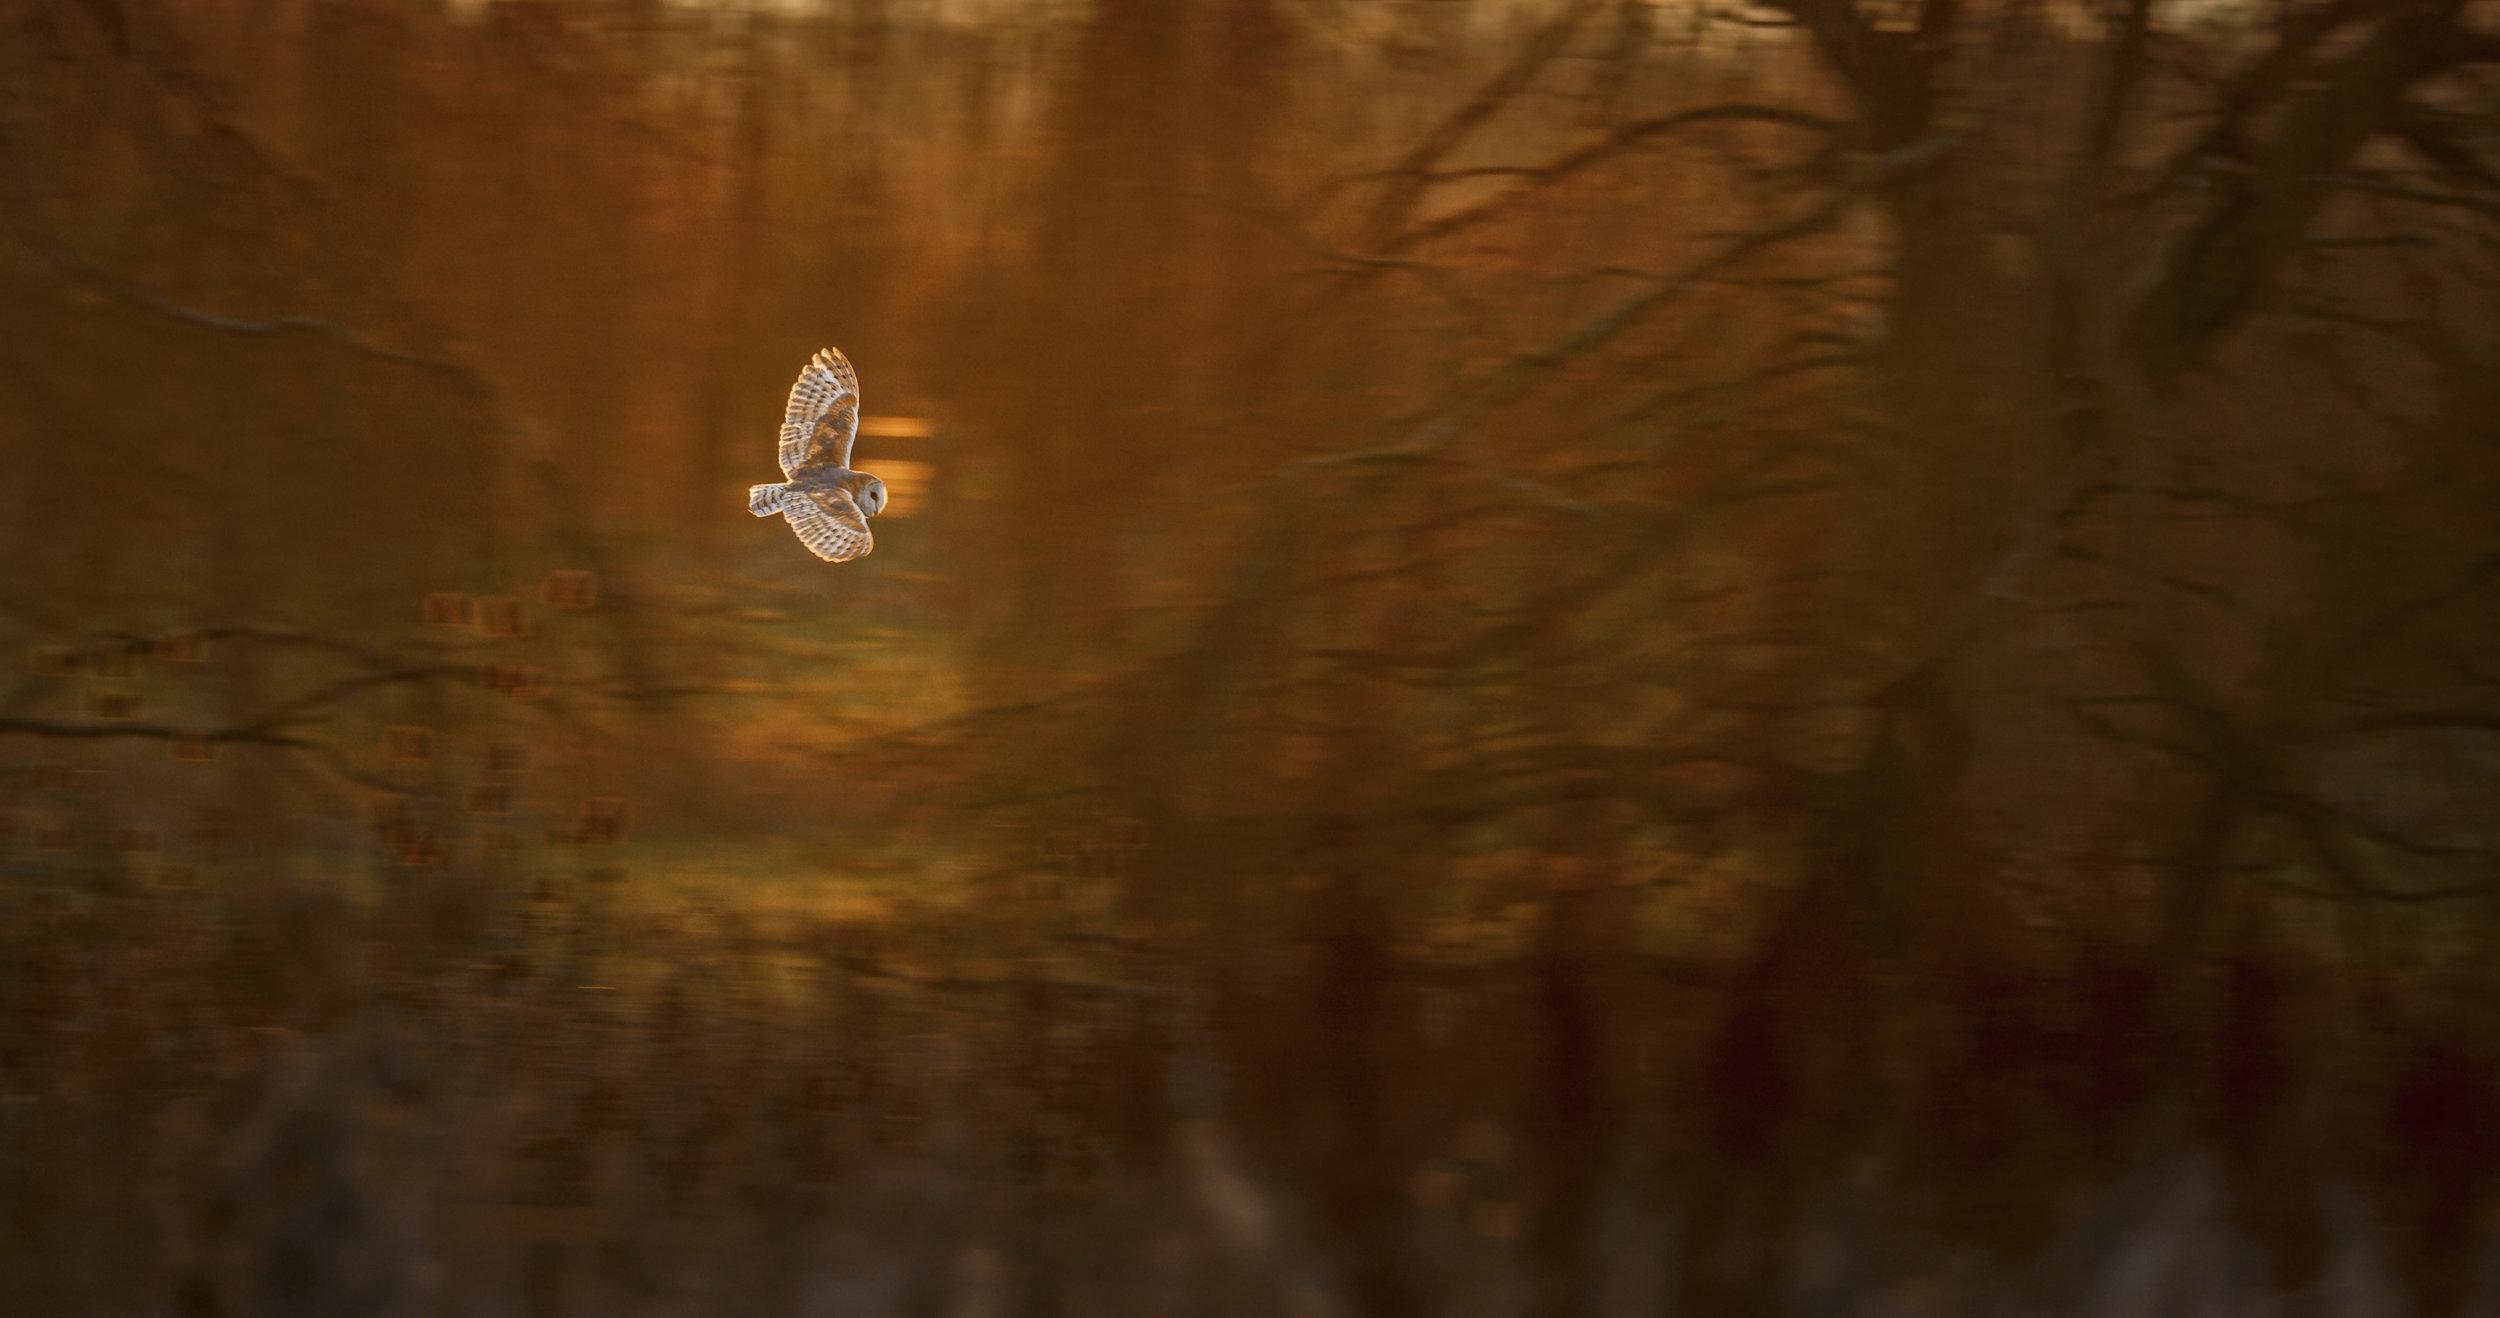 BARN OWL BABLOCK HYTHEA001_C012_1229WD.0000779.jpg